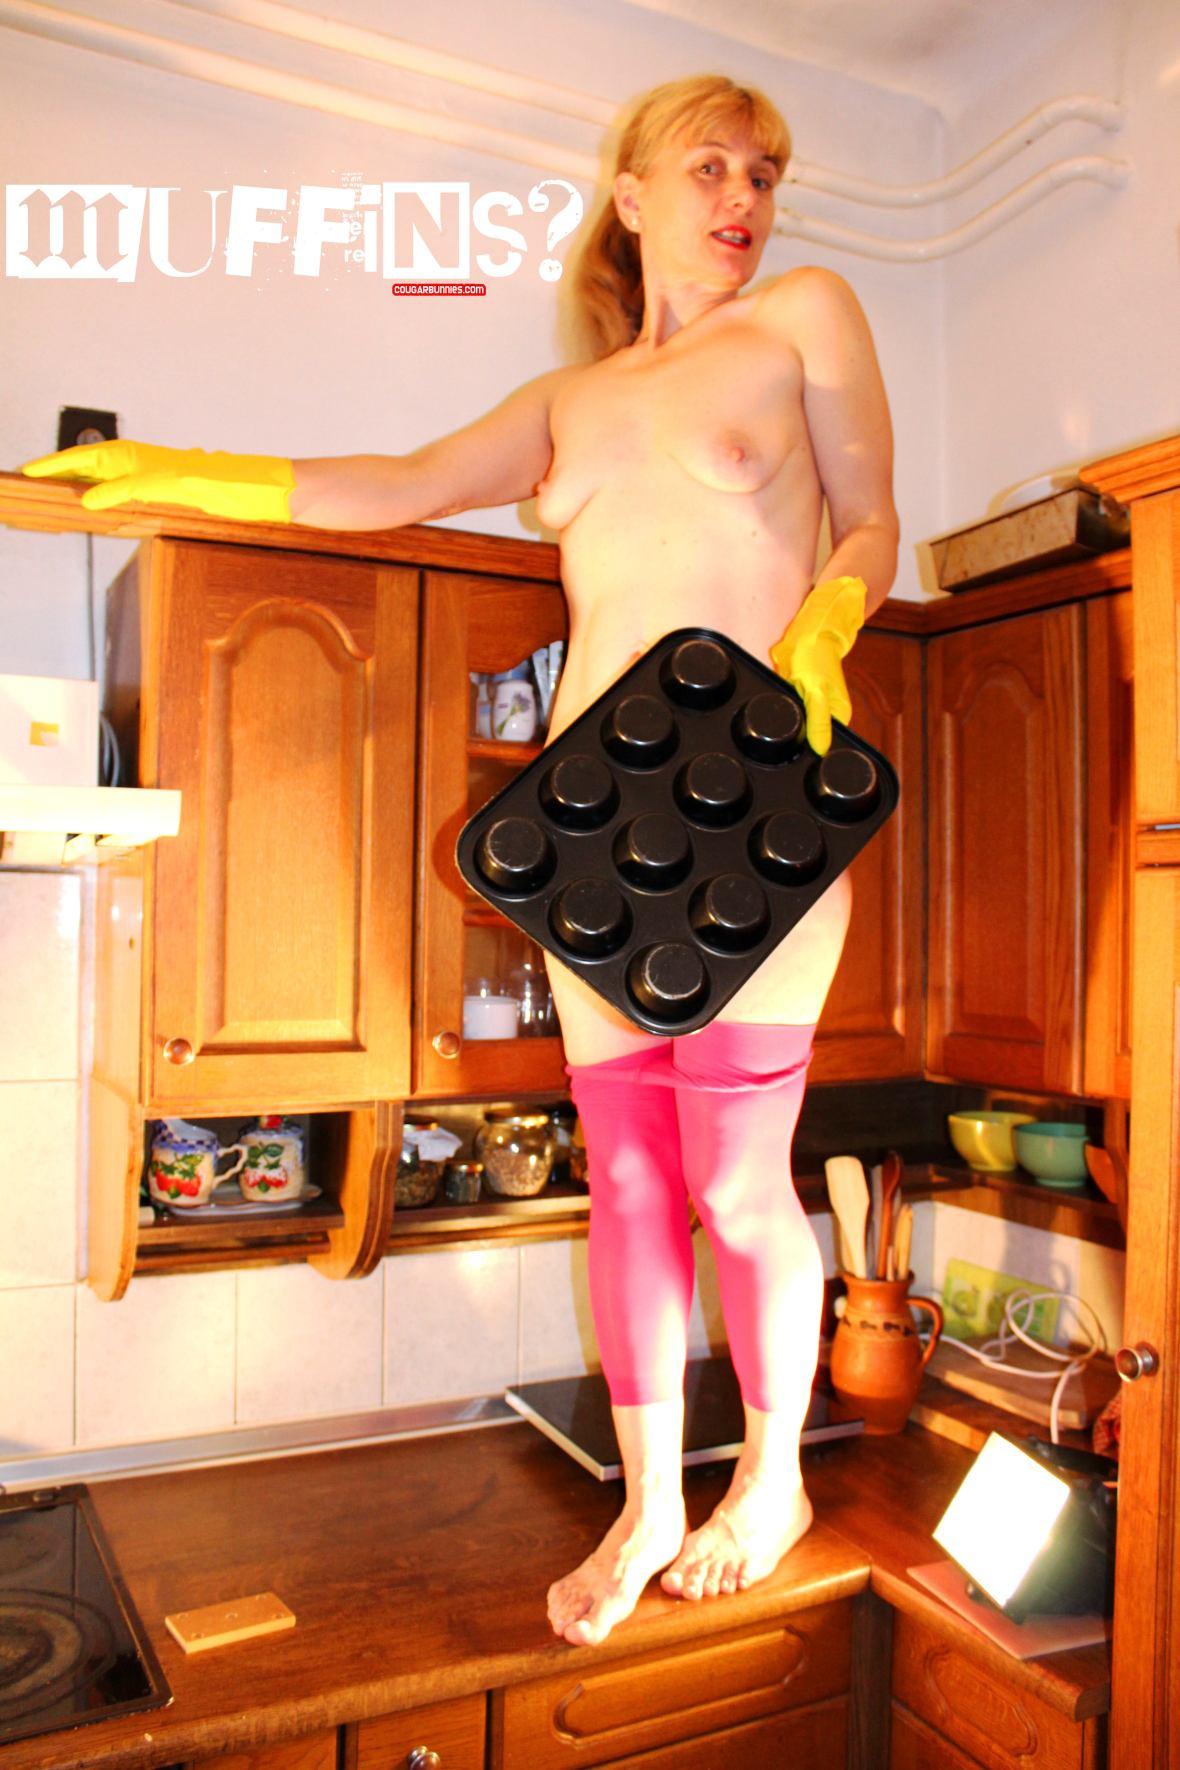 Muffins anyone?